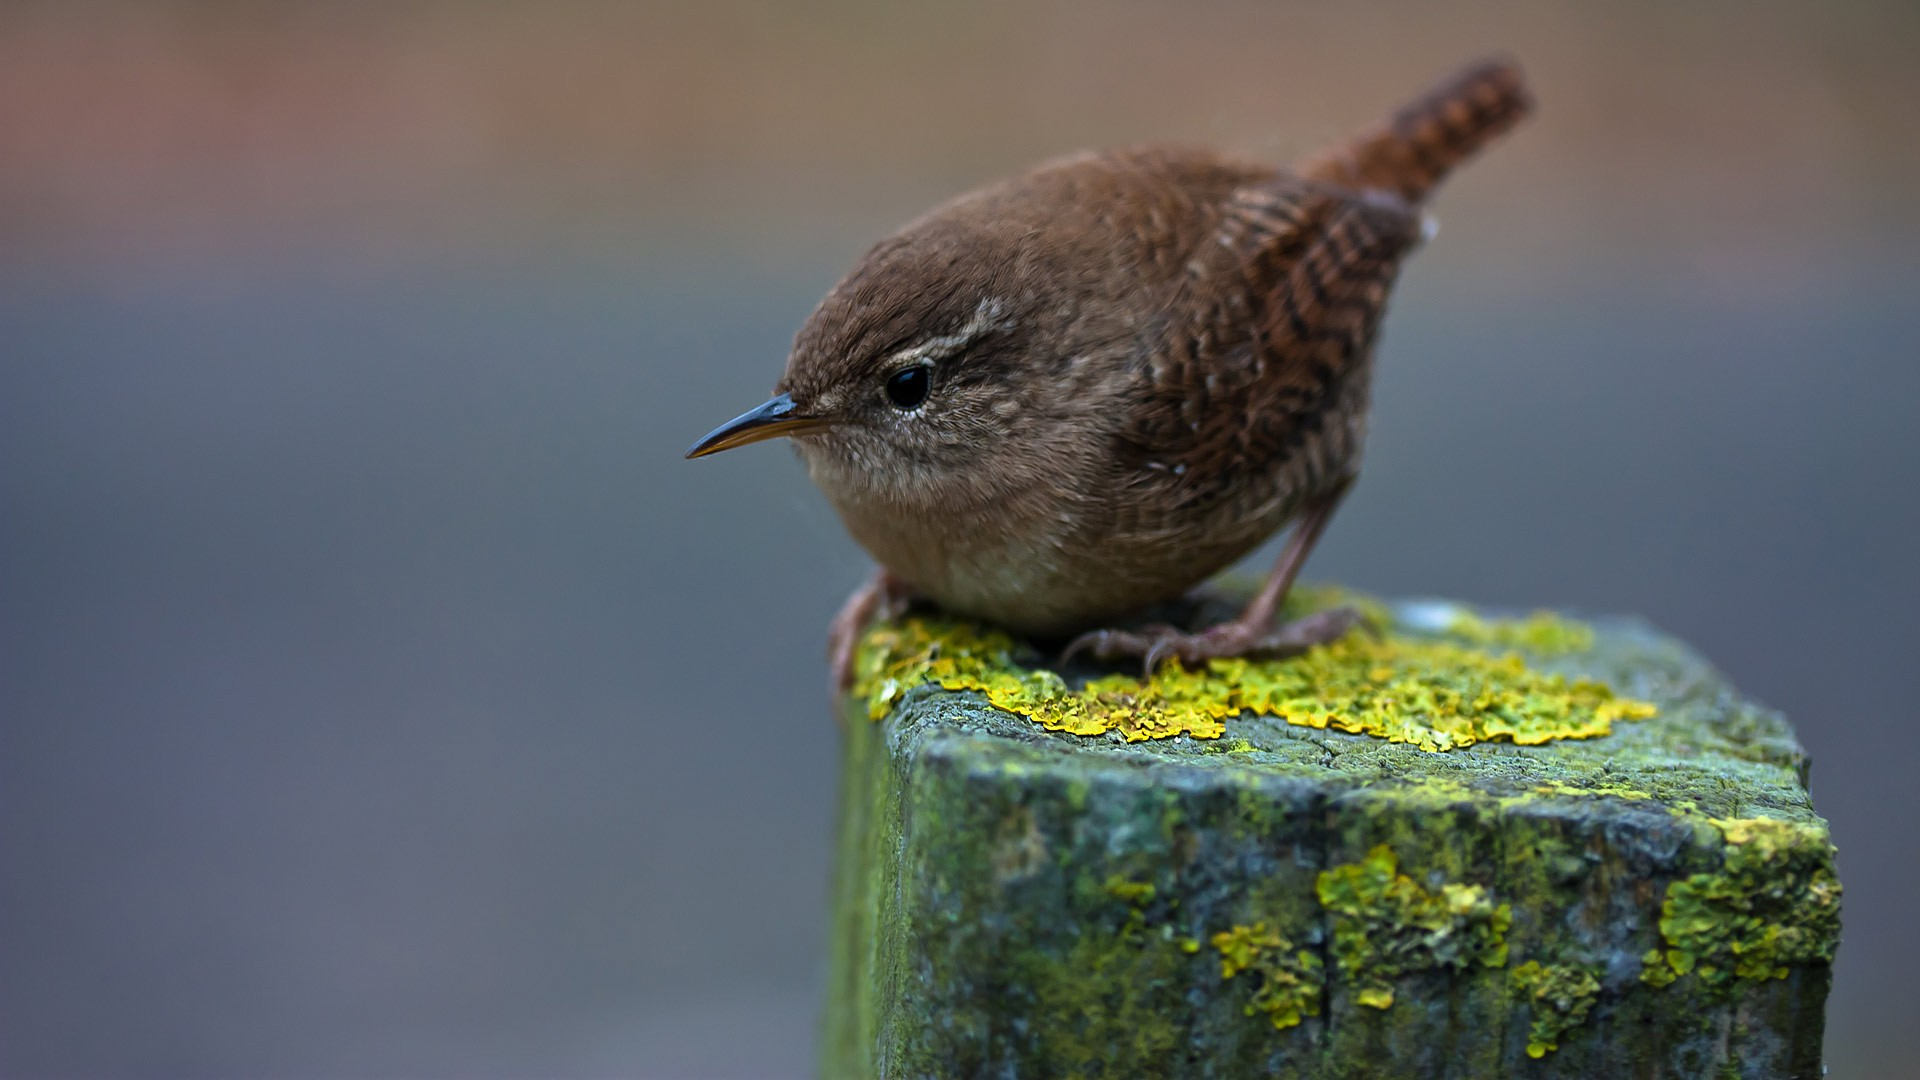 nature birds wallpaper,bird,wren,beak,carolina wren,house wren